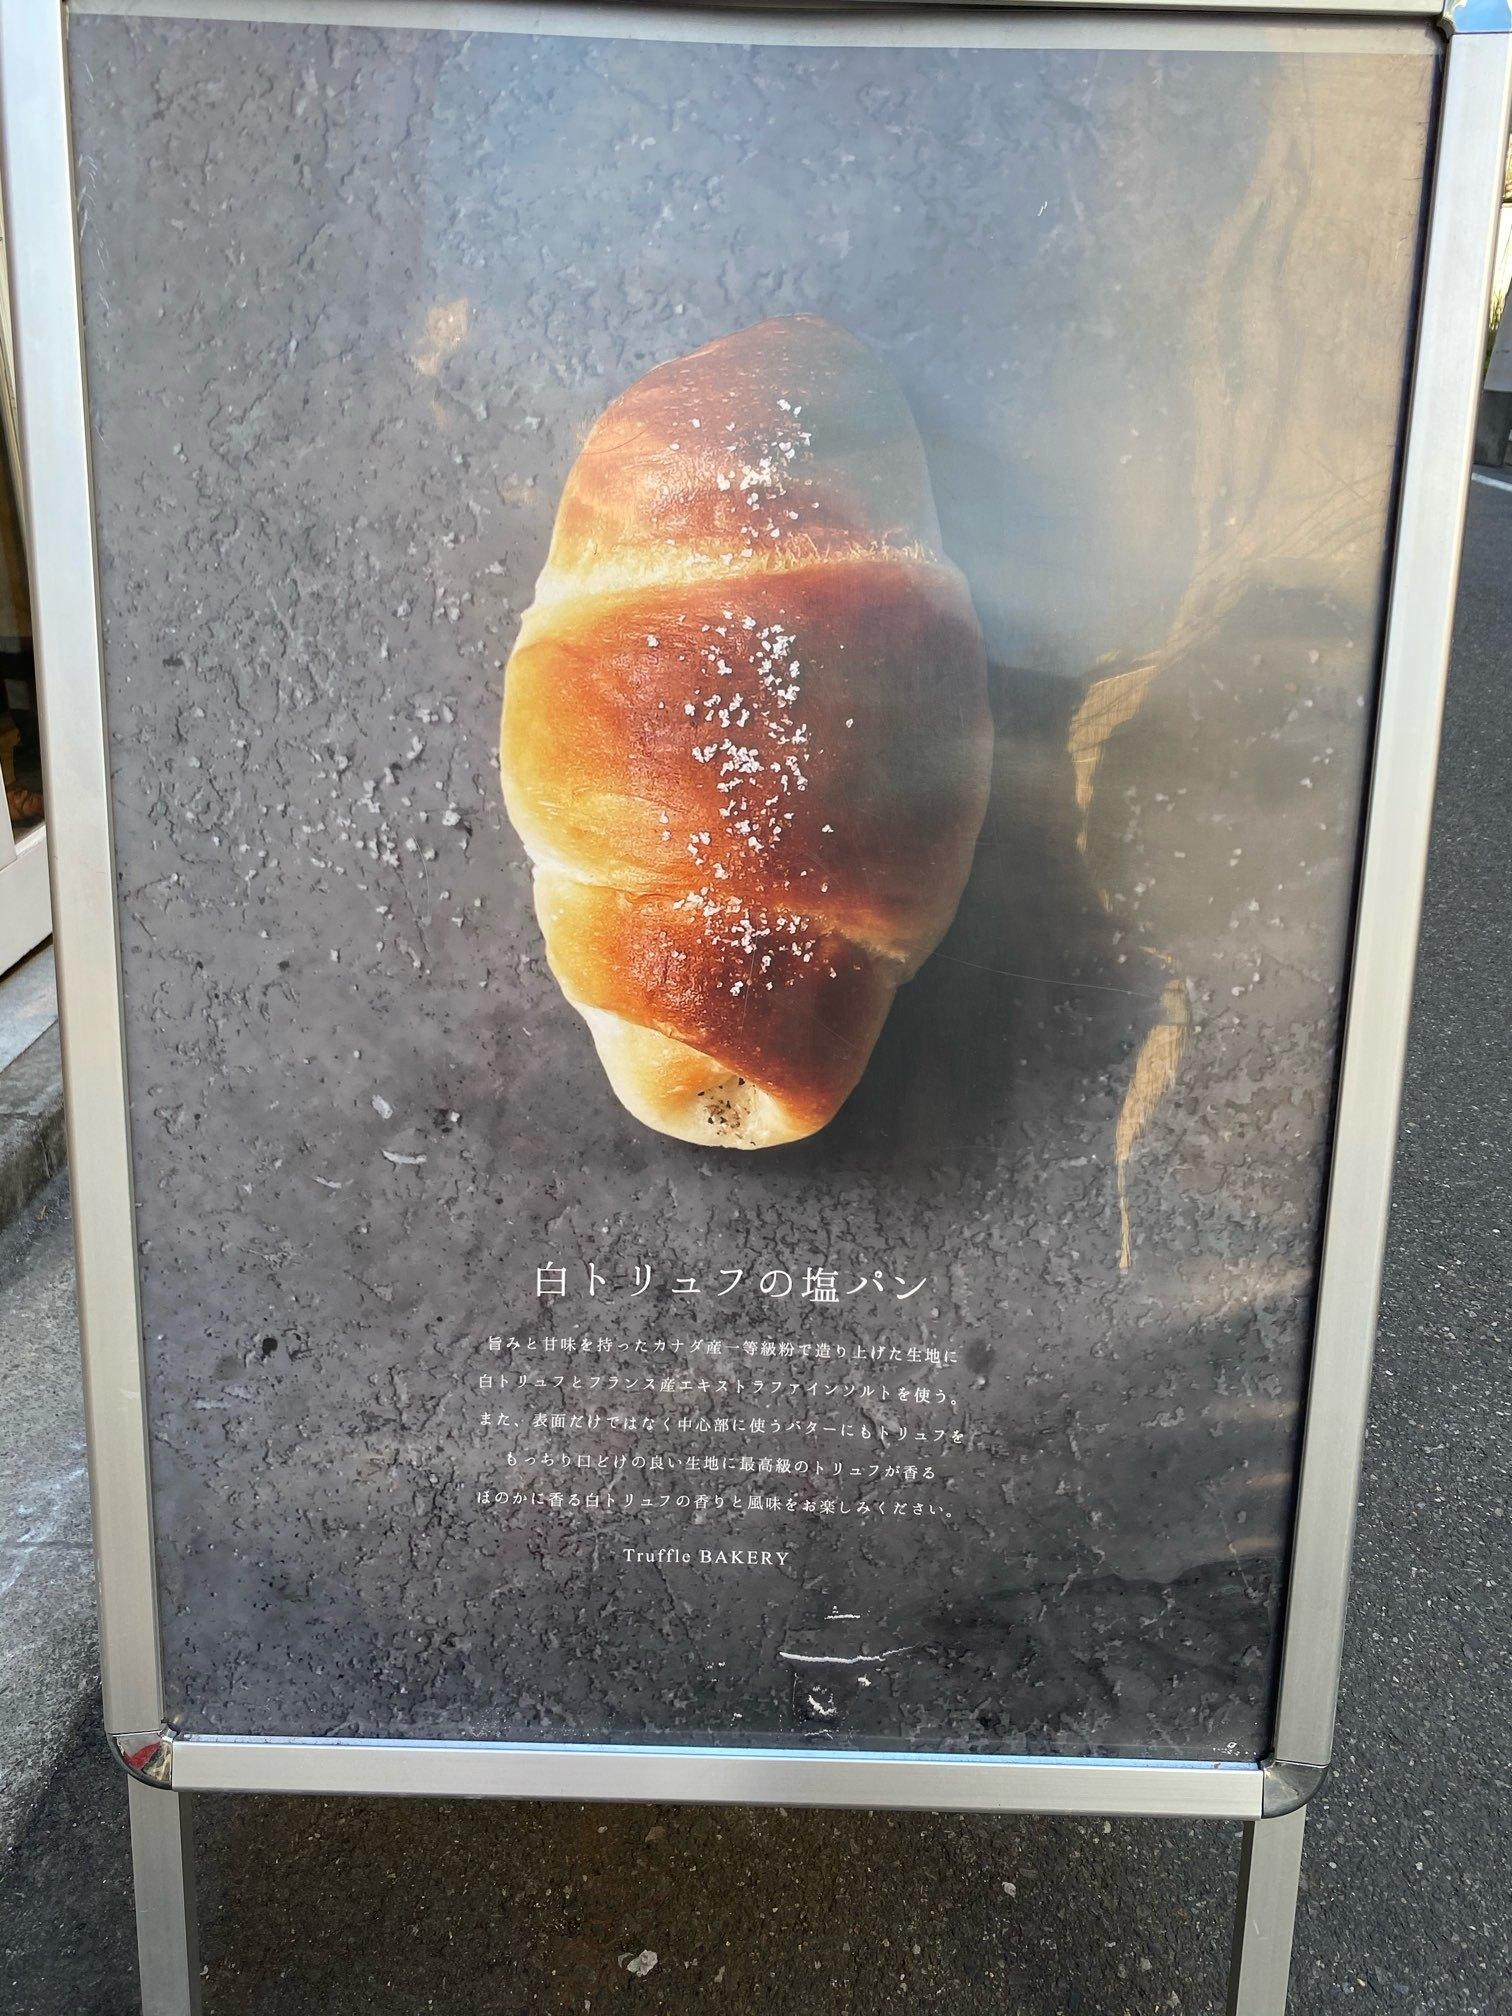 【東京パン屋】芸能人御用達!?トリュフのパン_1_1-1